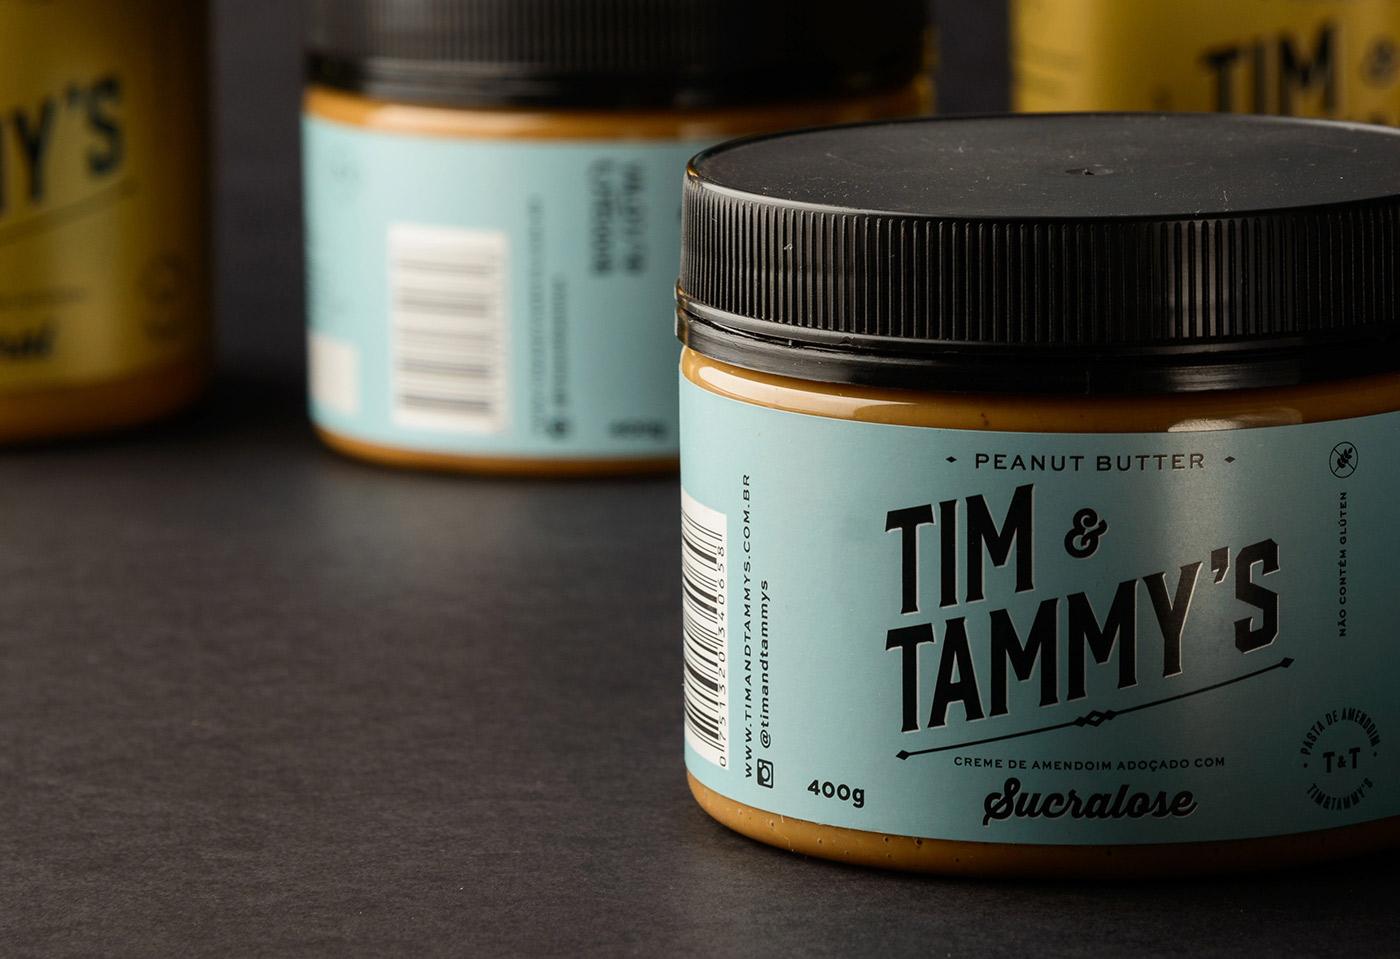 Tim & Tammy's - Brand Packaging by BR - BAUEN